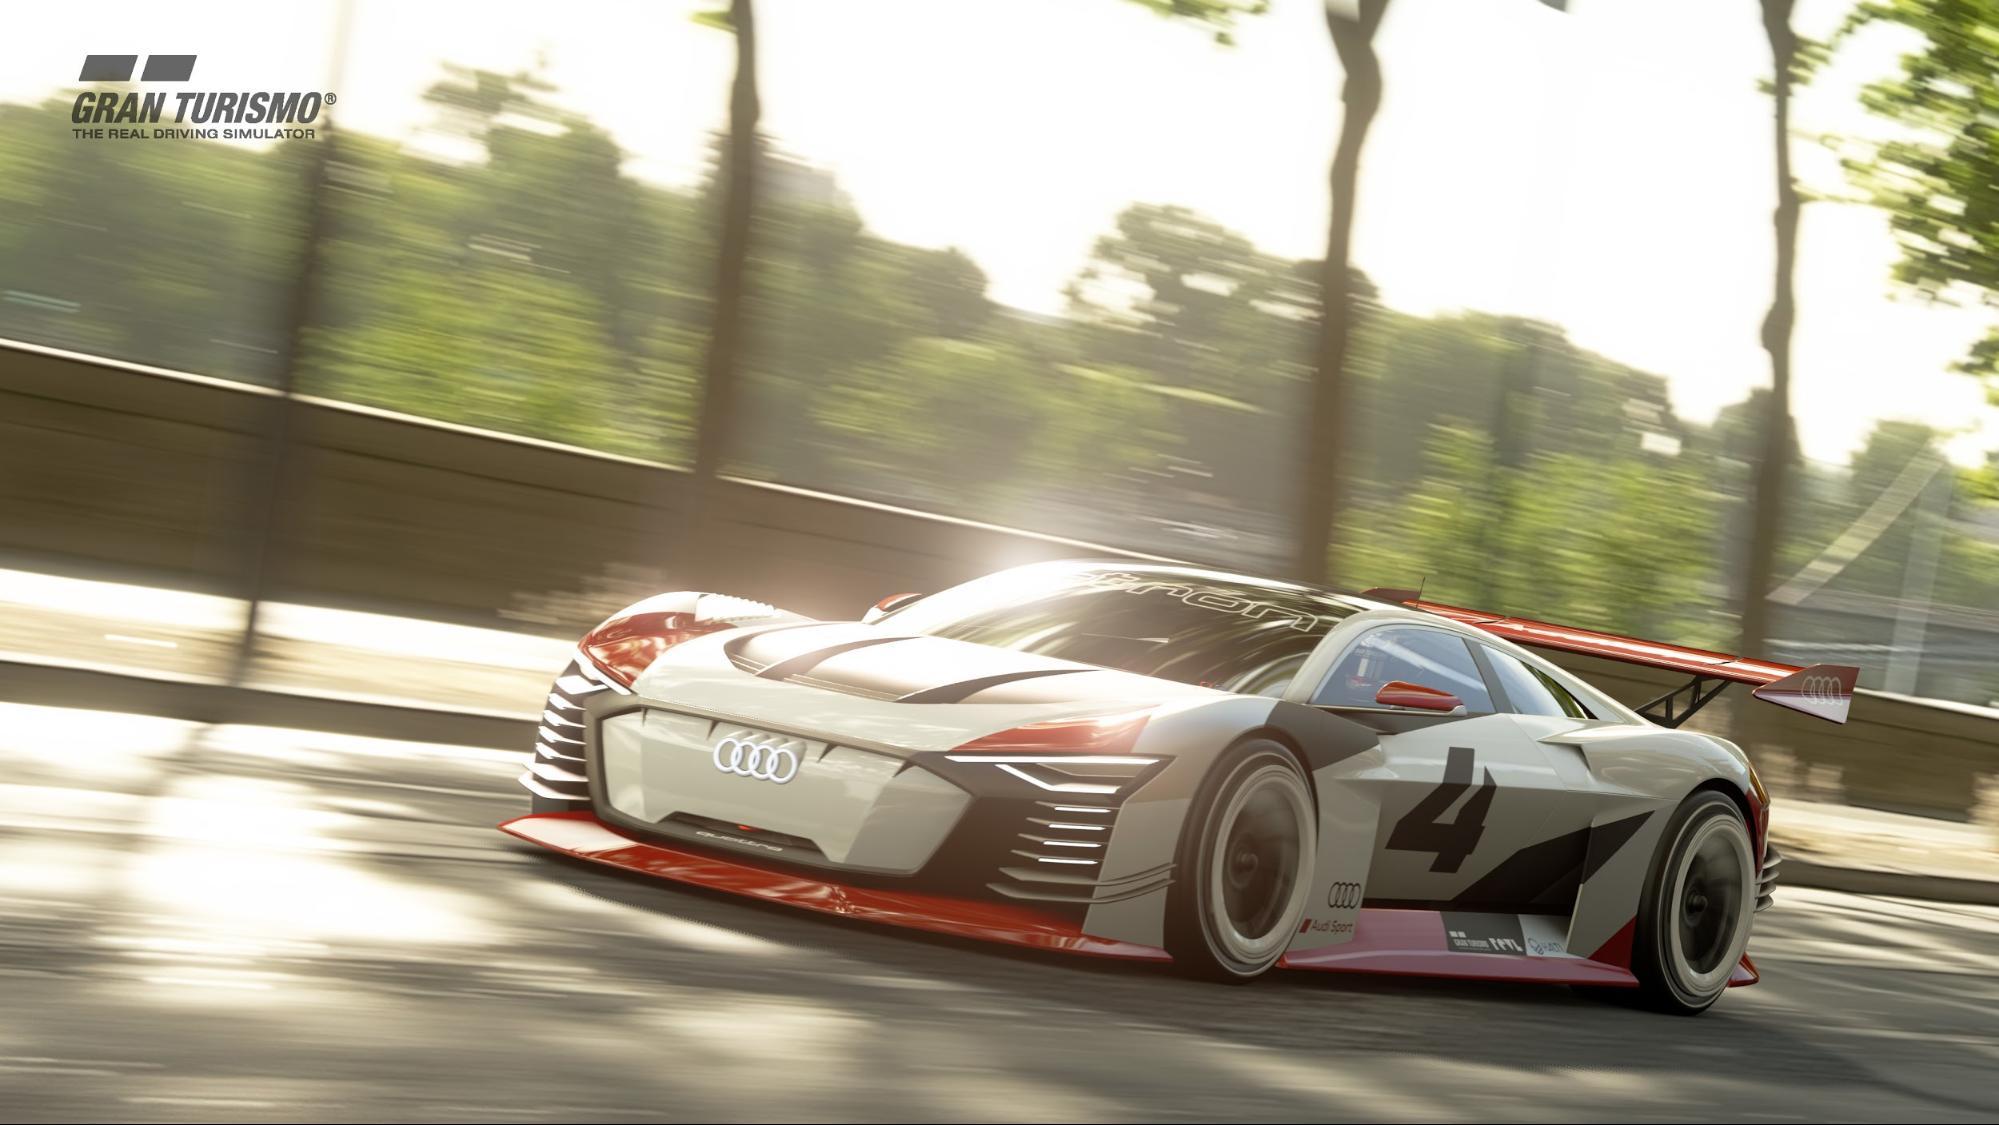 Die Rennsimulation Gran Turismo auf der Playstation 4 setzt Simulations-Massstäbe. (AUDI)